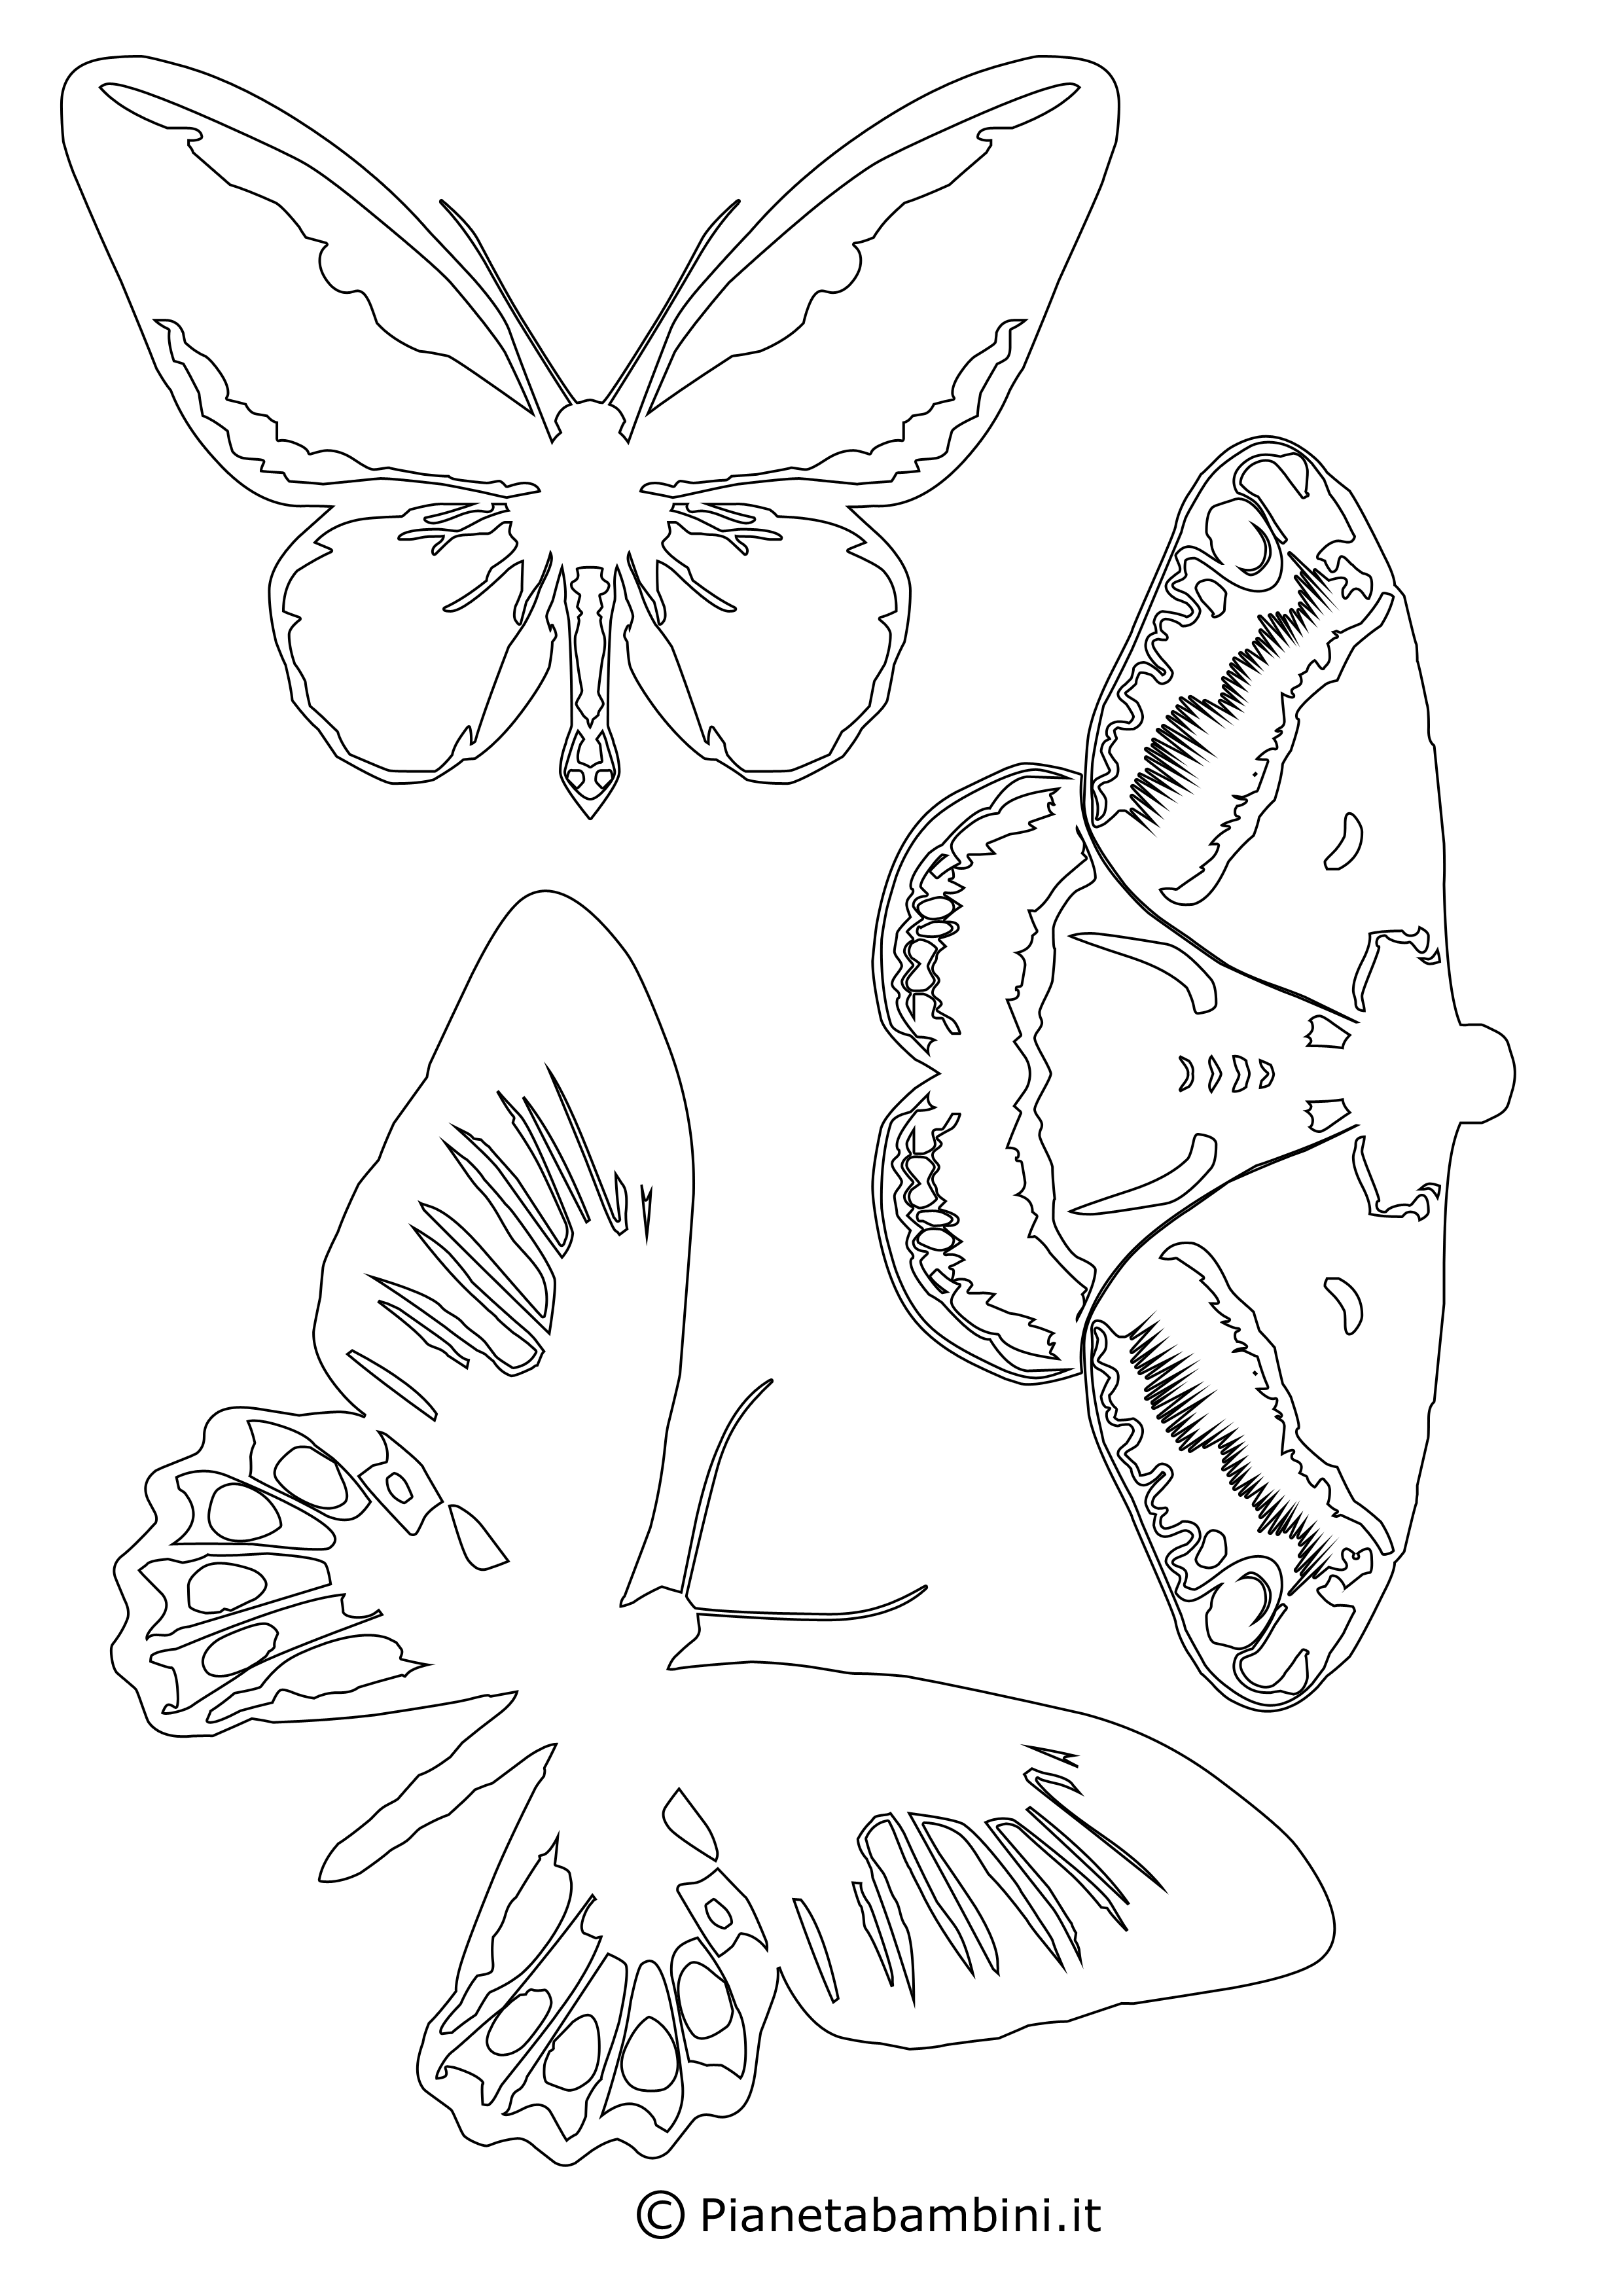 Ben 42 Disegni Di Farfalle Per Bambini Da Stampare Colorare E Ritagliare E Da Usare Anche Per Decorazioni Le Sagome Sono In Pdf Pronte Sagome Ritagli Colori